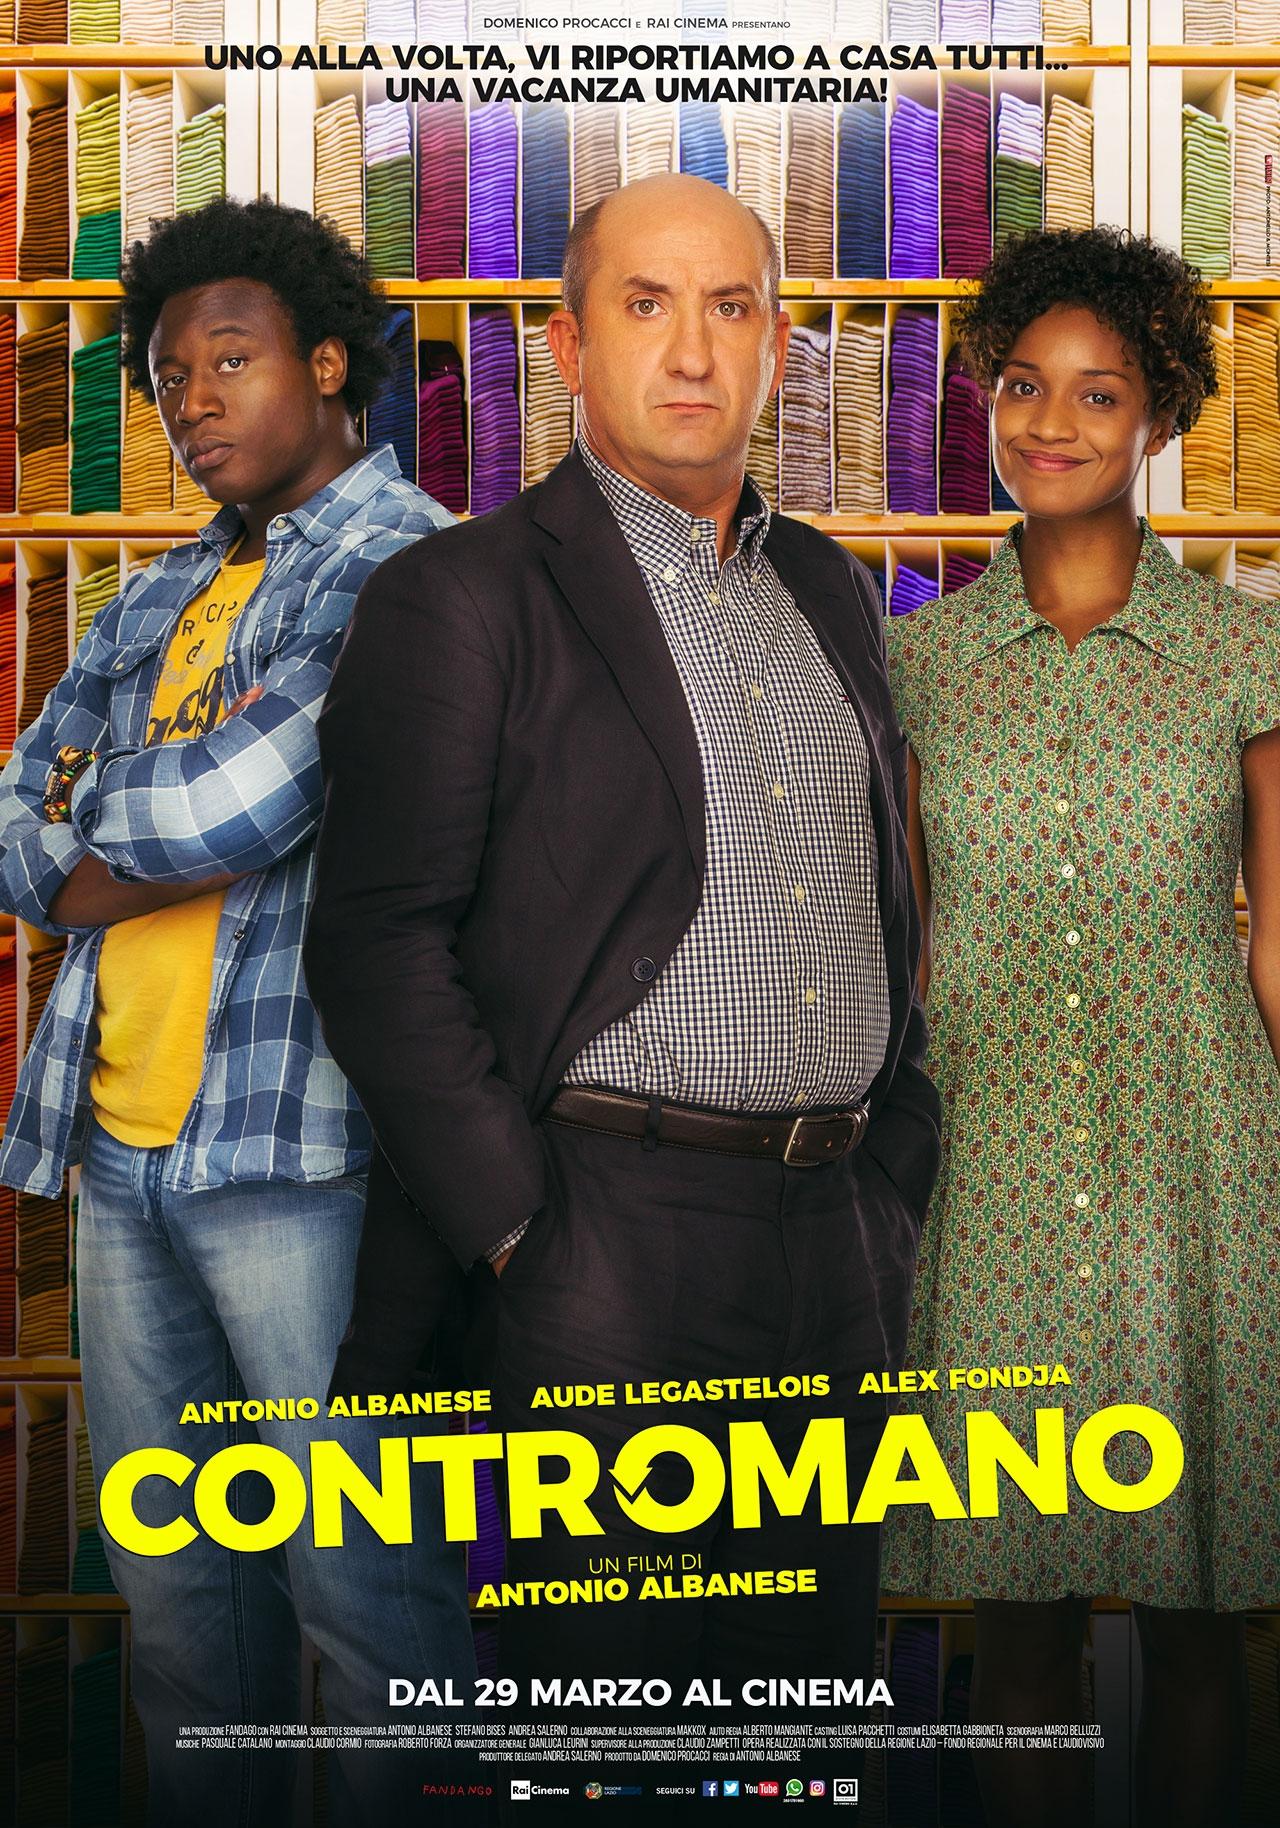 Antonio Albanese Film